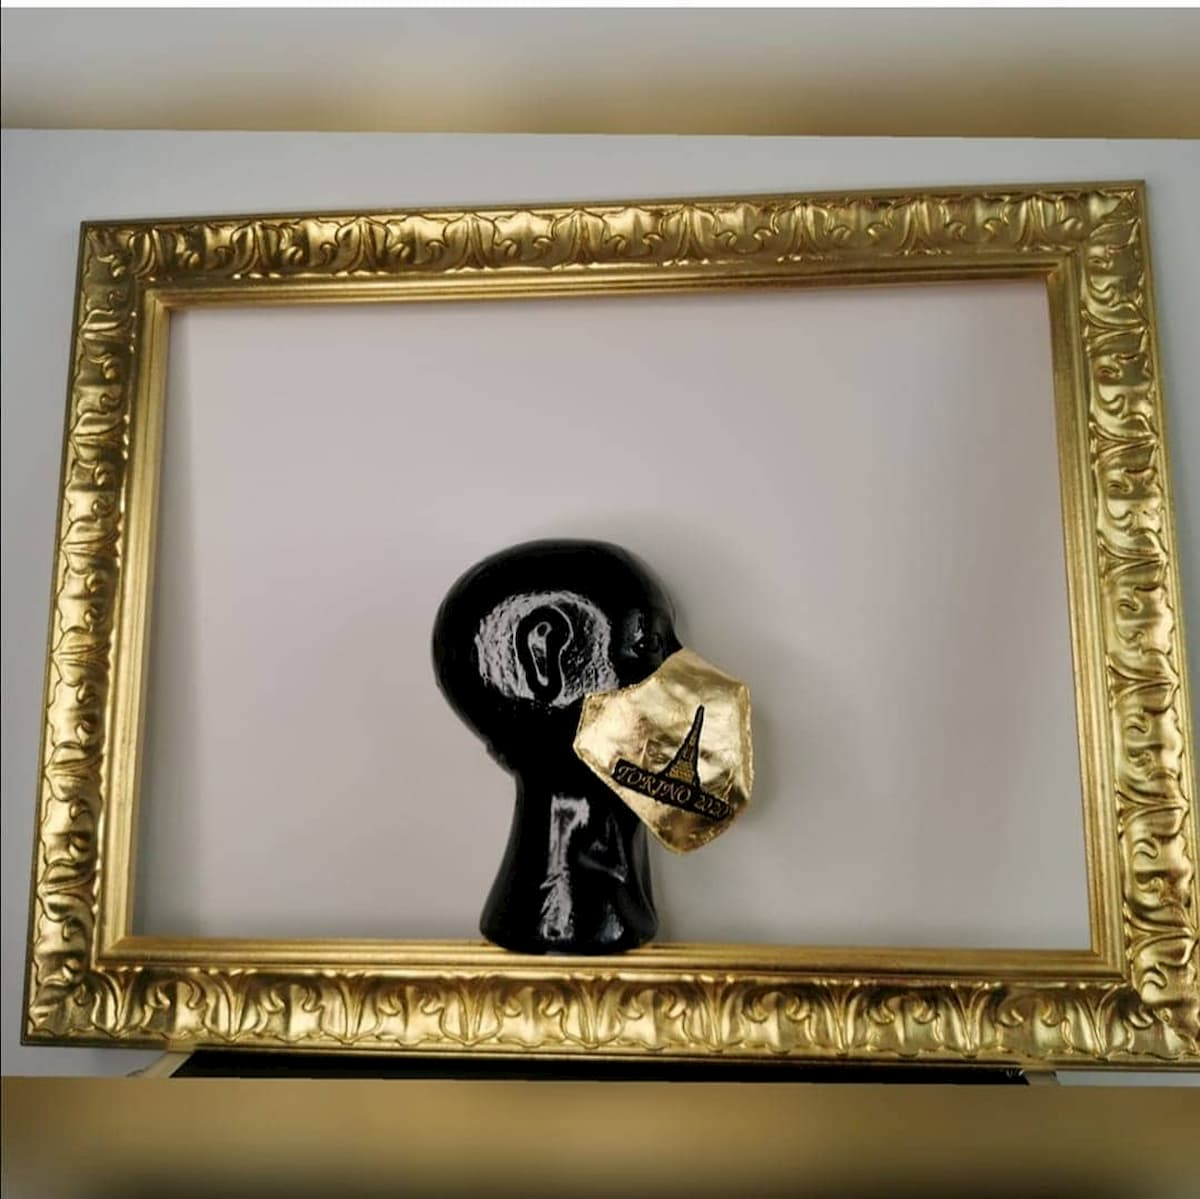 Antonio Vietri ha realizzato una mascherina d'oro